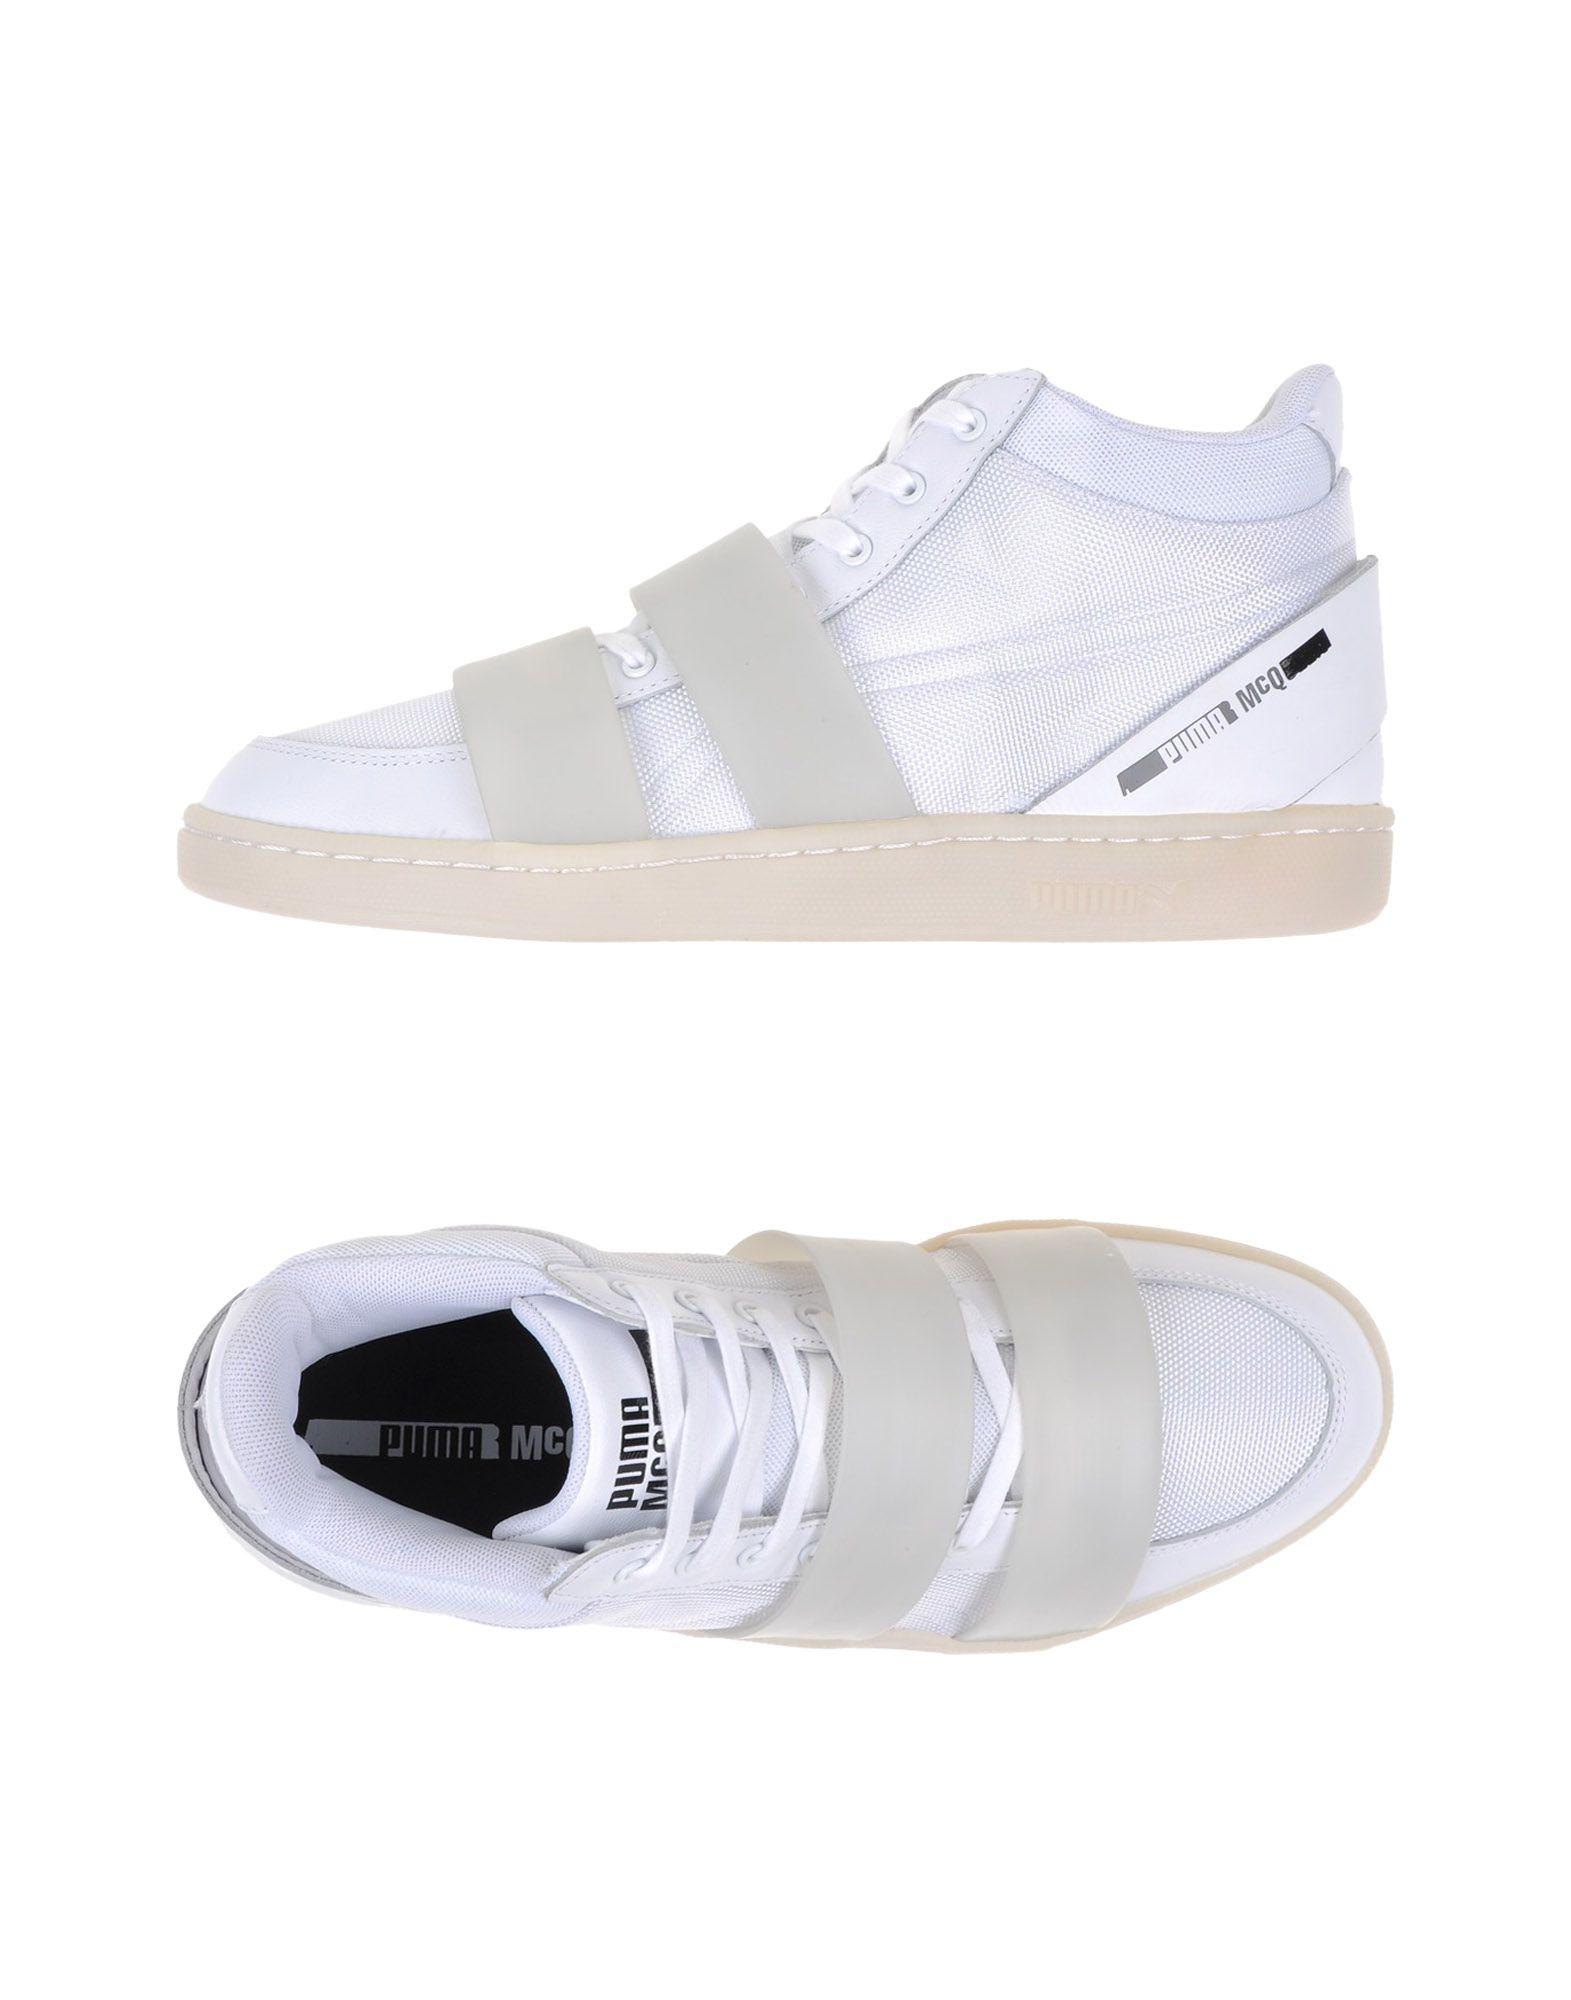 Sneakers Mcq Puma 359761-Mcq Uomo Serve Mid Nu - Uomo 359761-Mcq - 11006523MA 9885f9